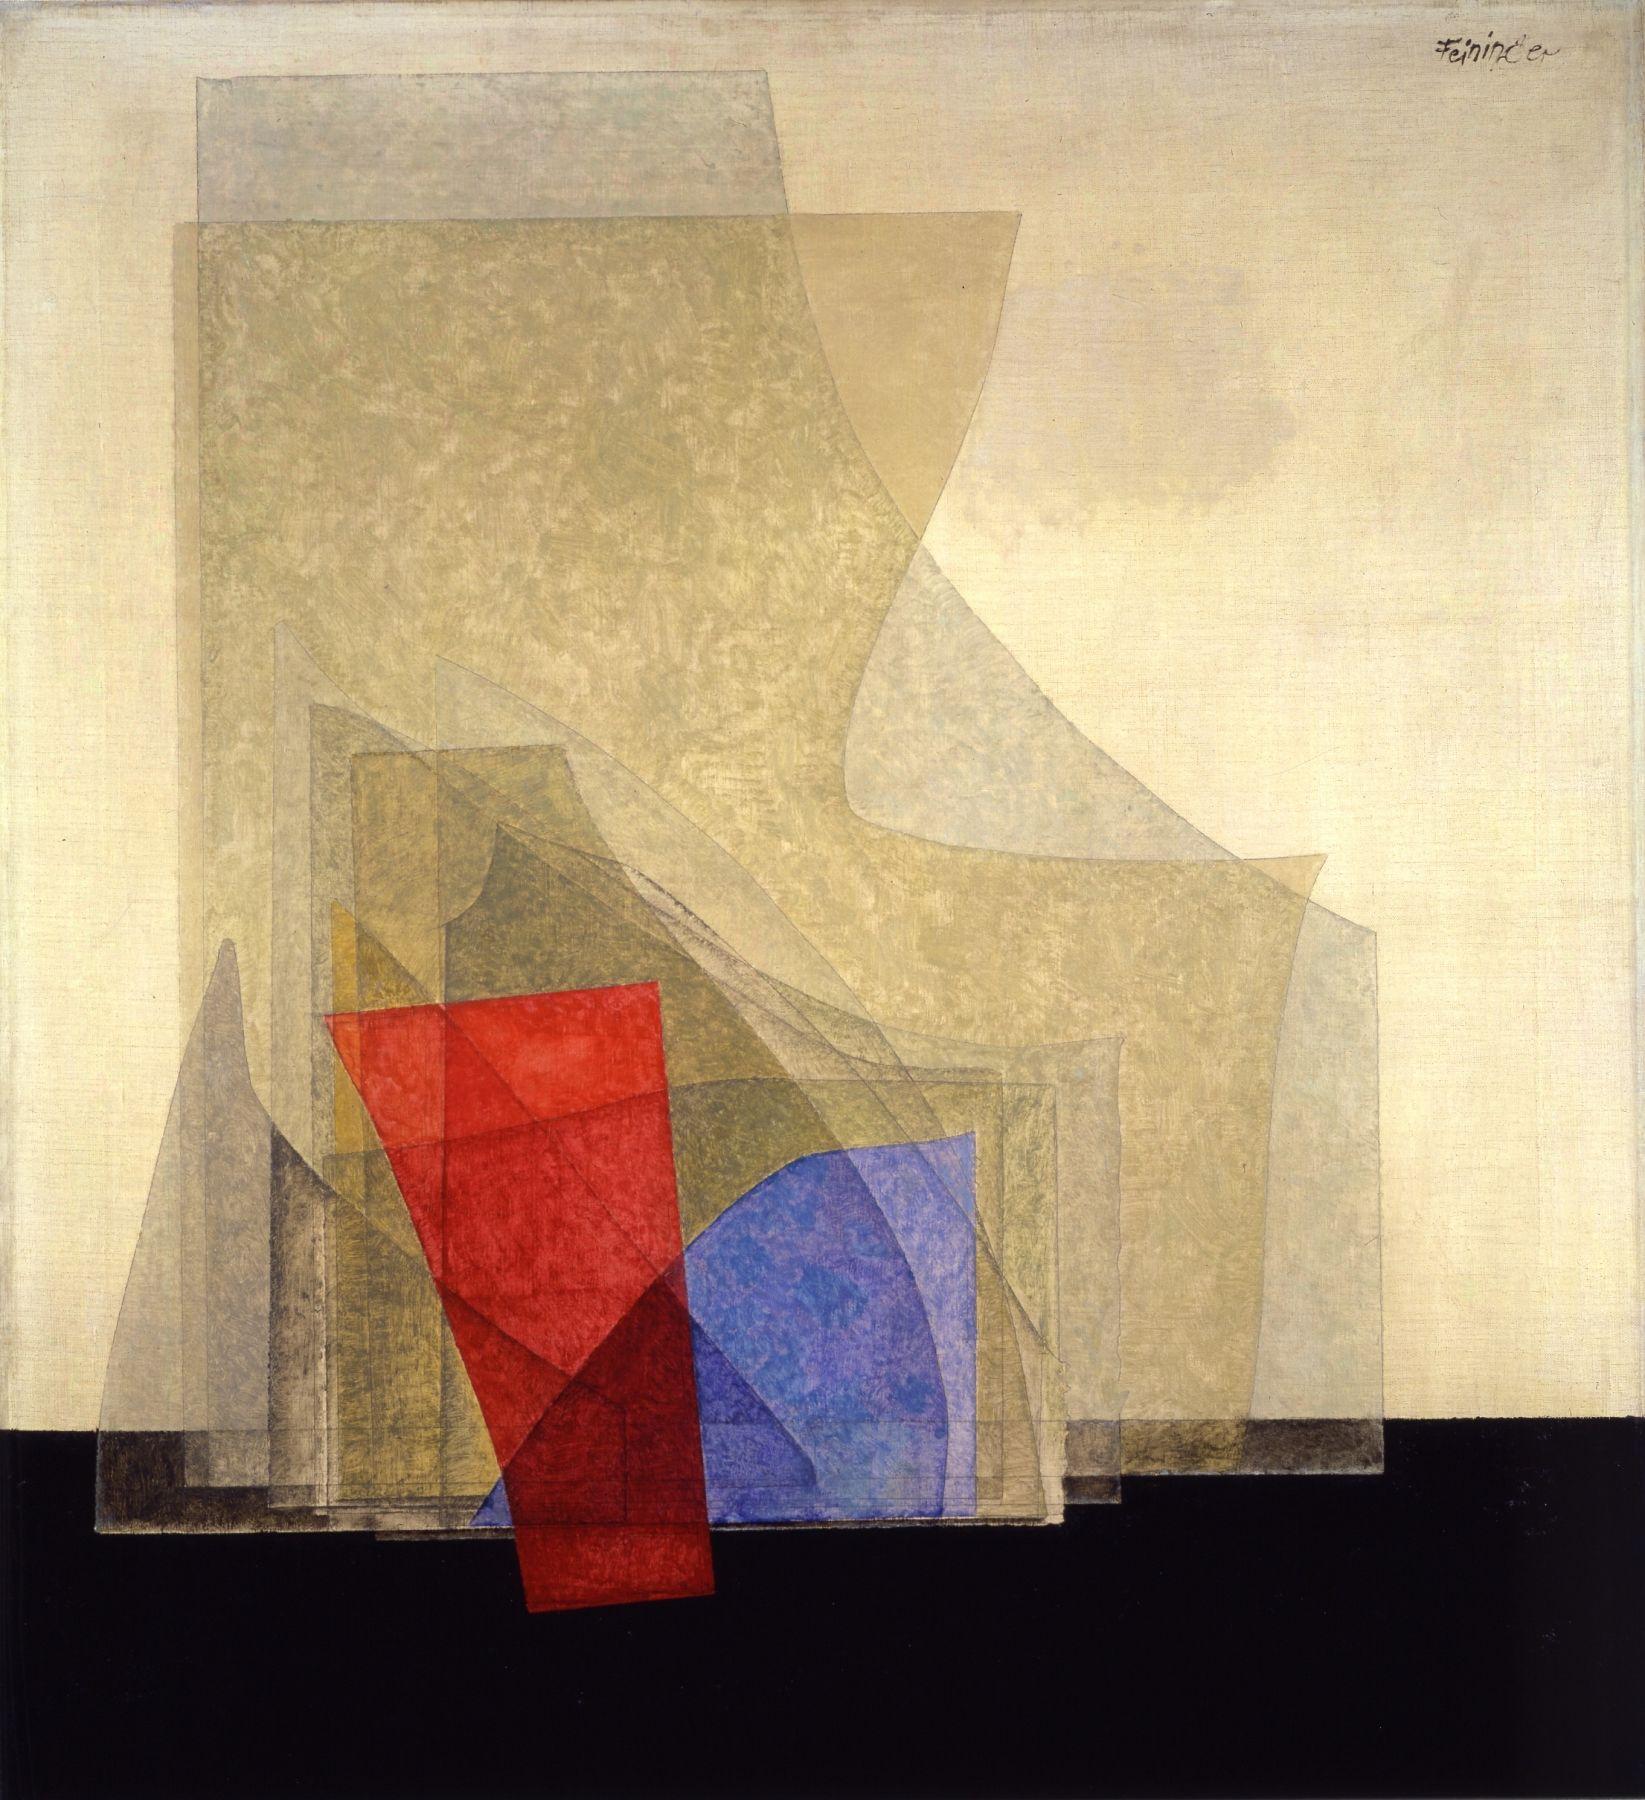 Glasscherbenbild (Broken Glass), 1927, Oil and pencil on canvas